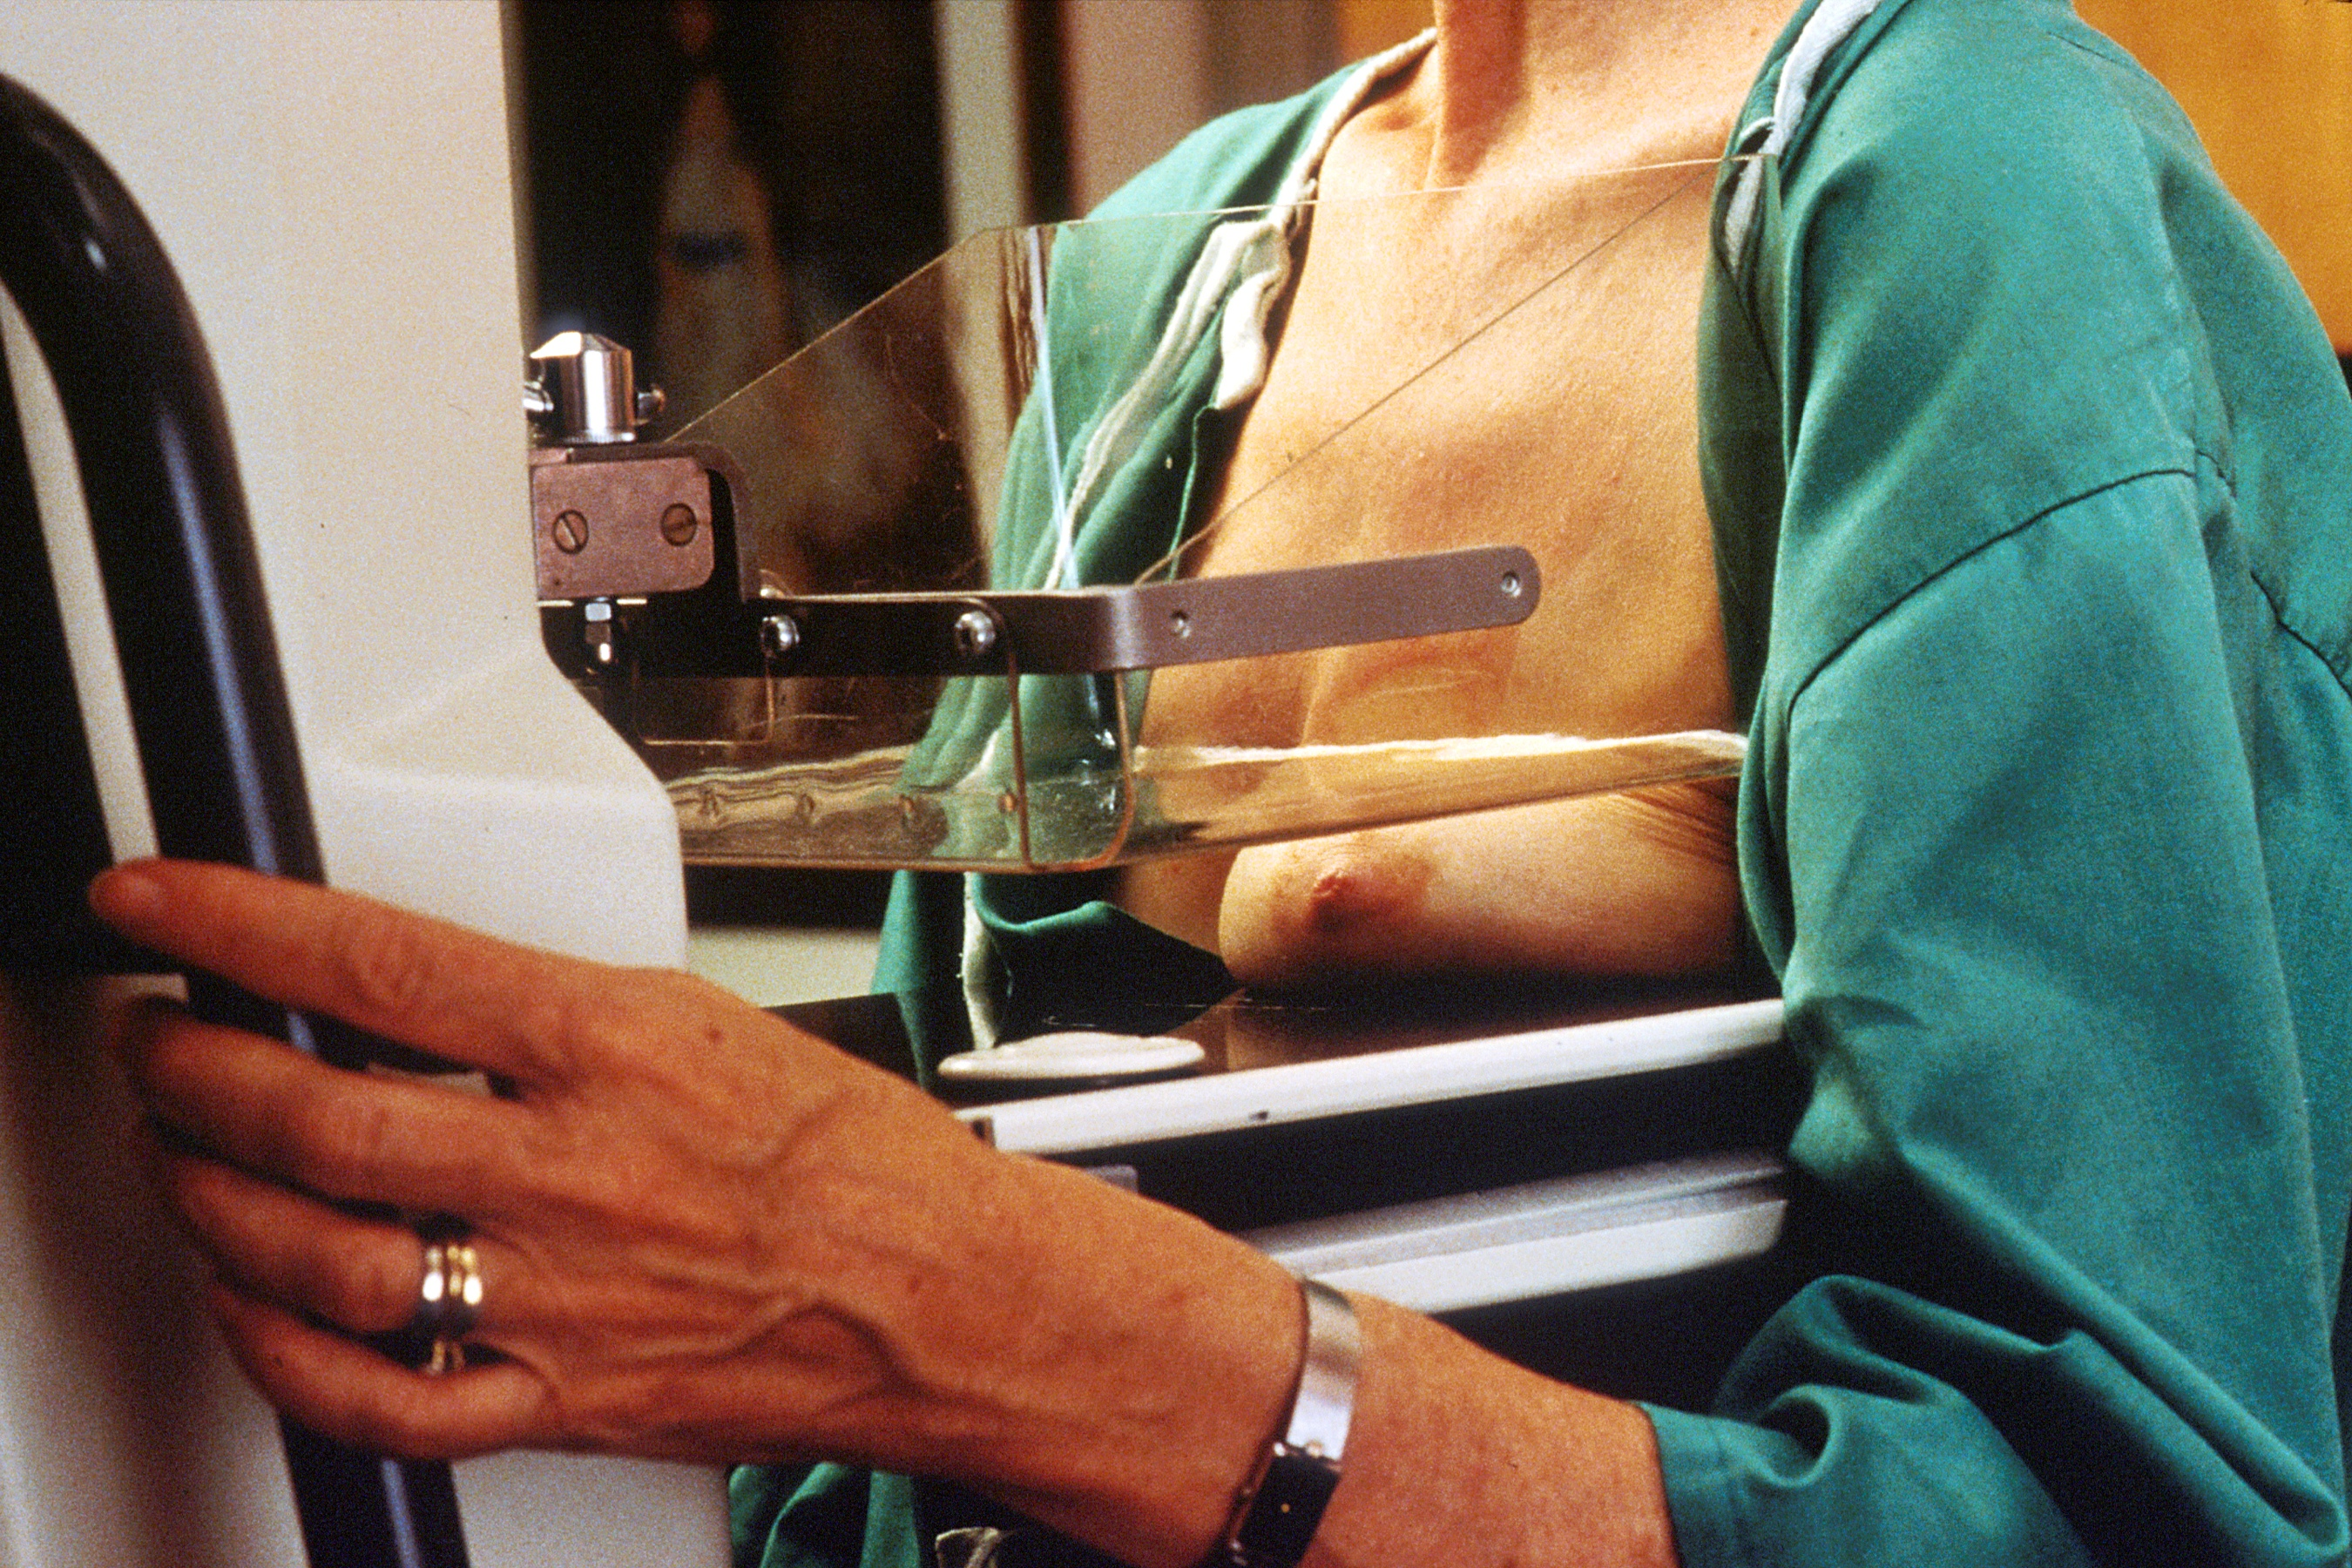 Las mamografías reducen un 40% el riesgo de muerte por cáncer de mama